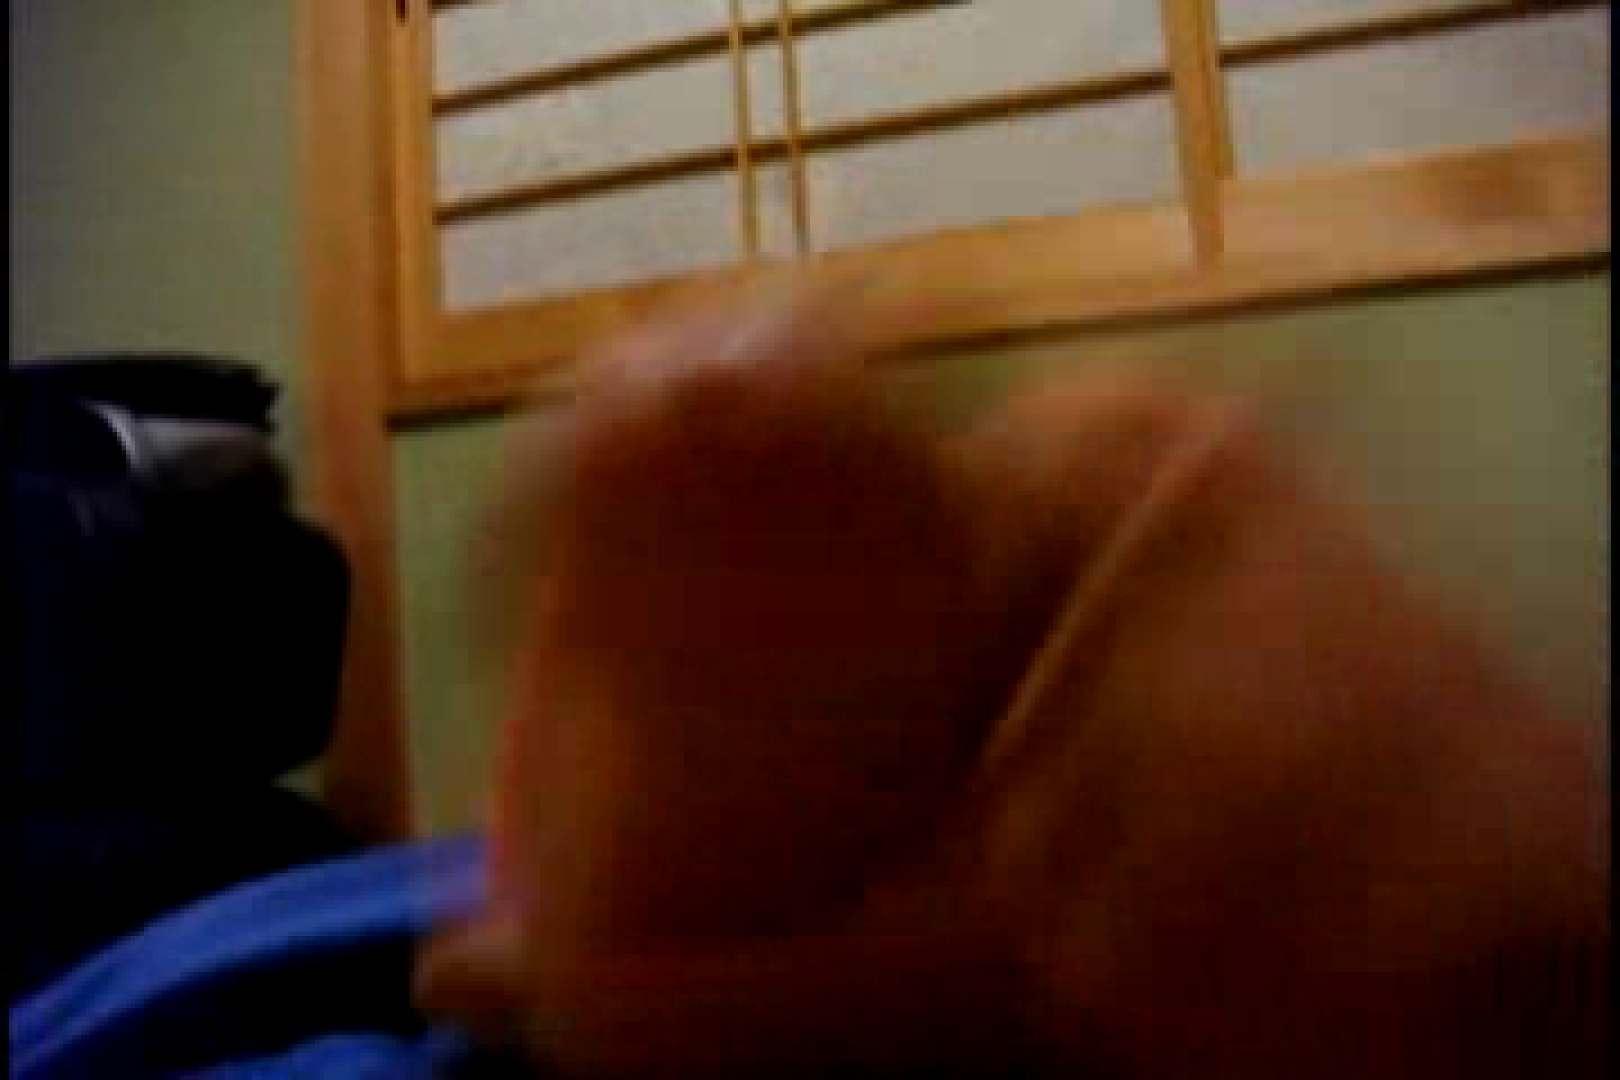 オナ好きノンケテニス部員の自画撮り投稿vol.02 流出特集 ゲイ丸見え画像 77枚 53